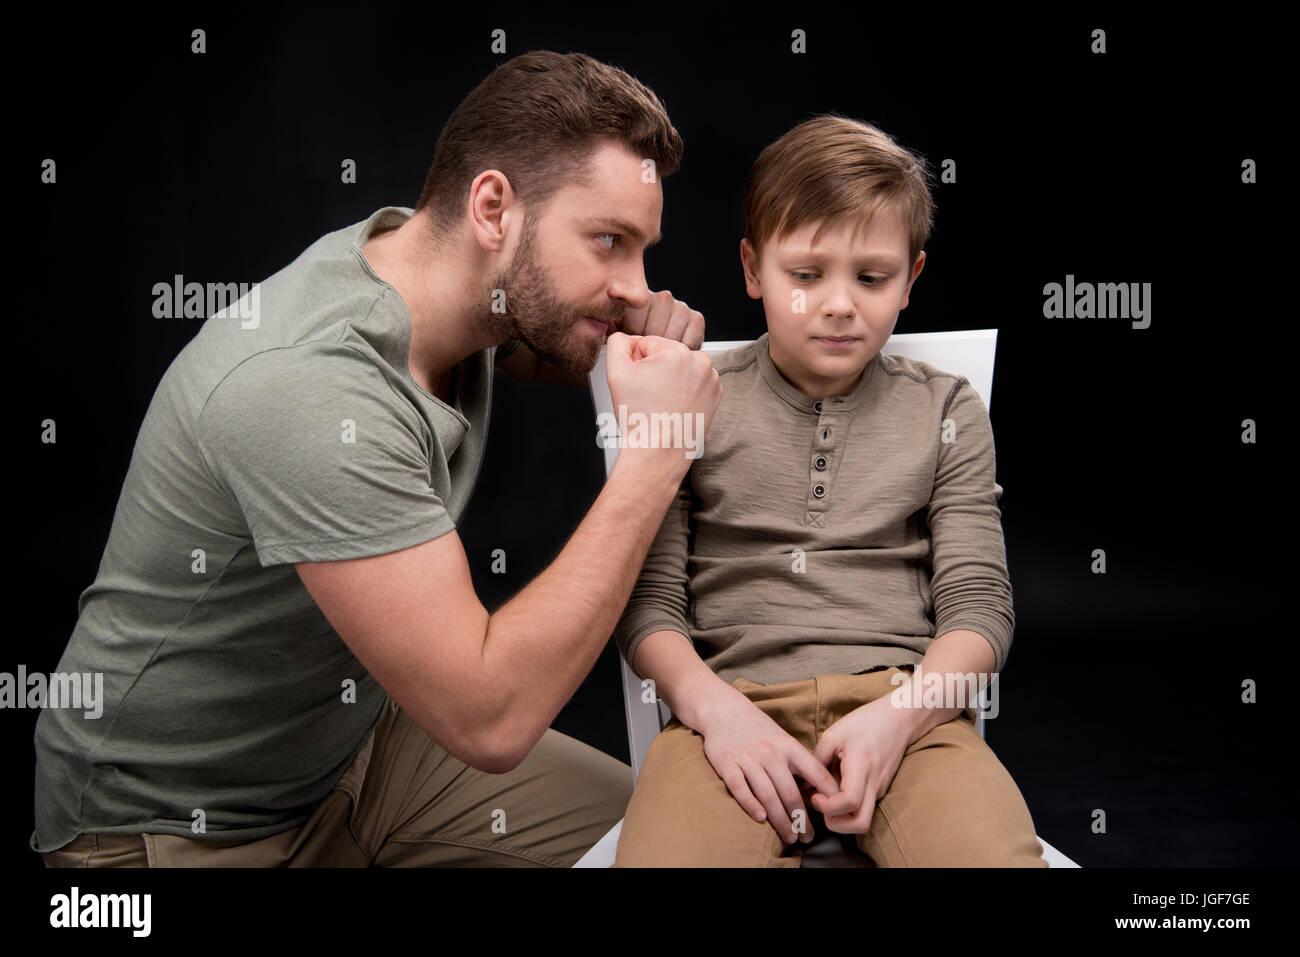 Père en colère menaçante et gesticulant de peur petit fils assis sur une chaise, les problèmes Photo Stock